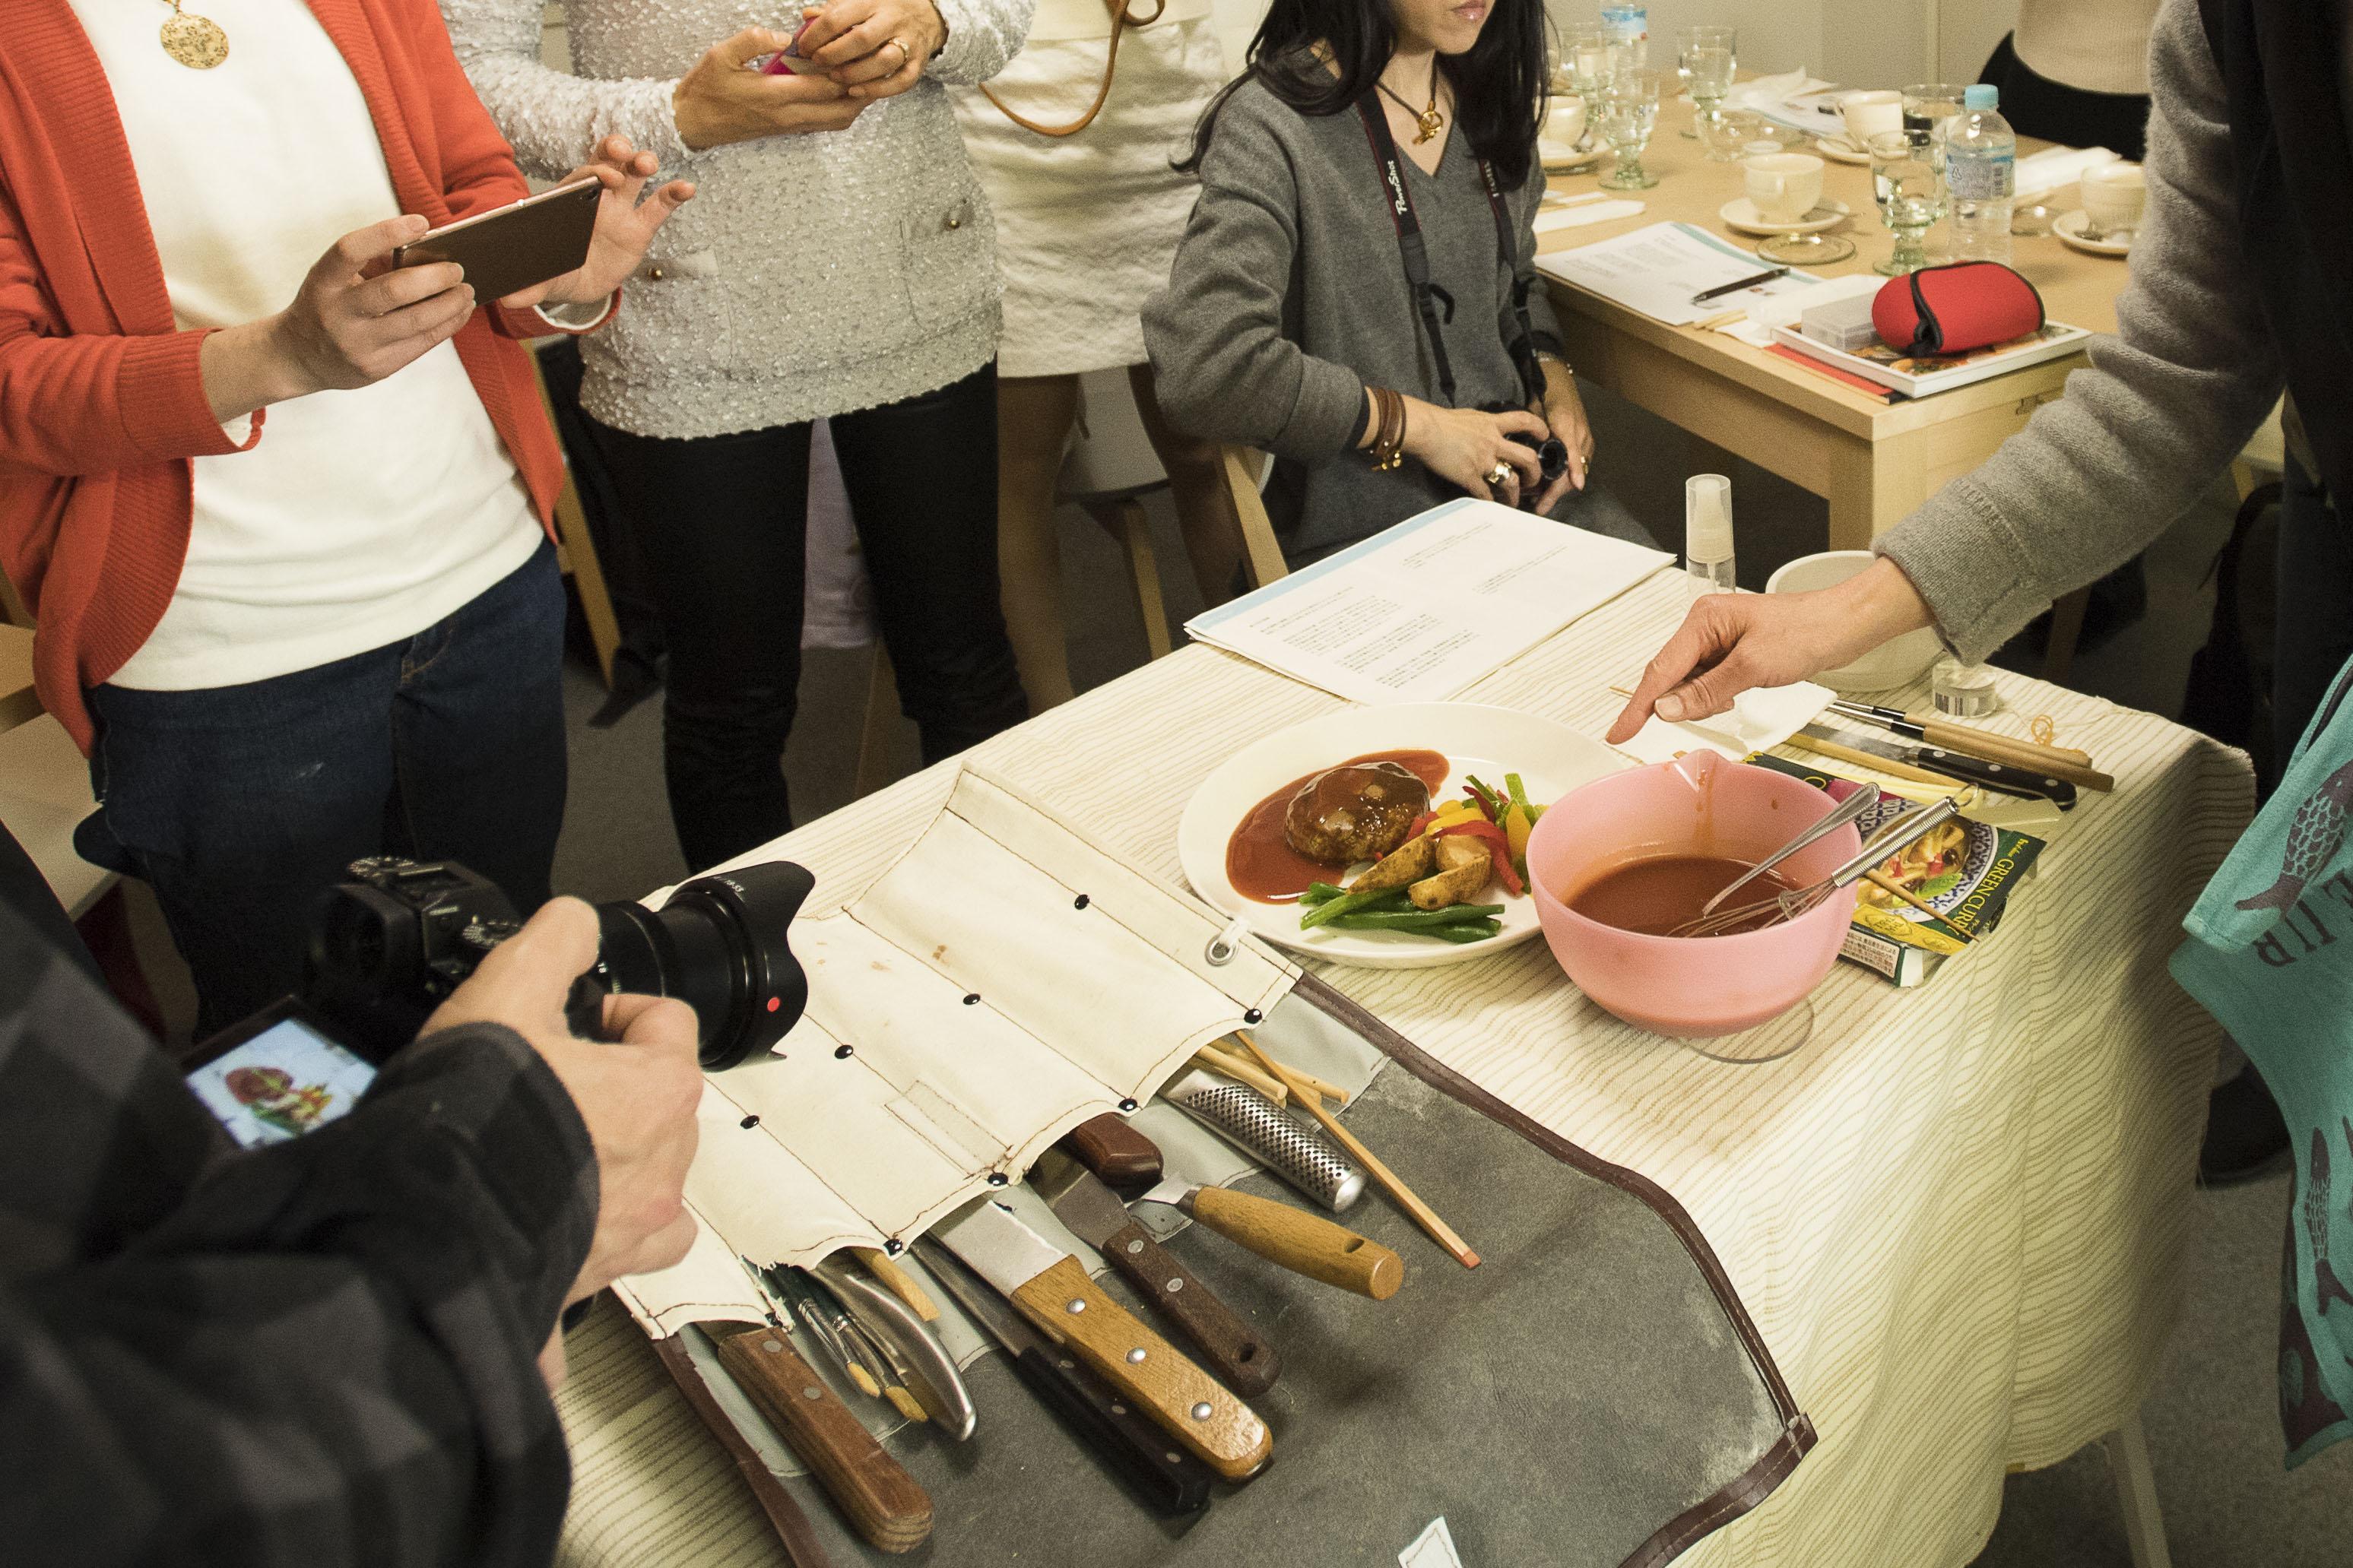 渡邊さんが実際に使っている道具を拝見させていただきました。スープの具材を浮かすには?